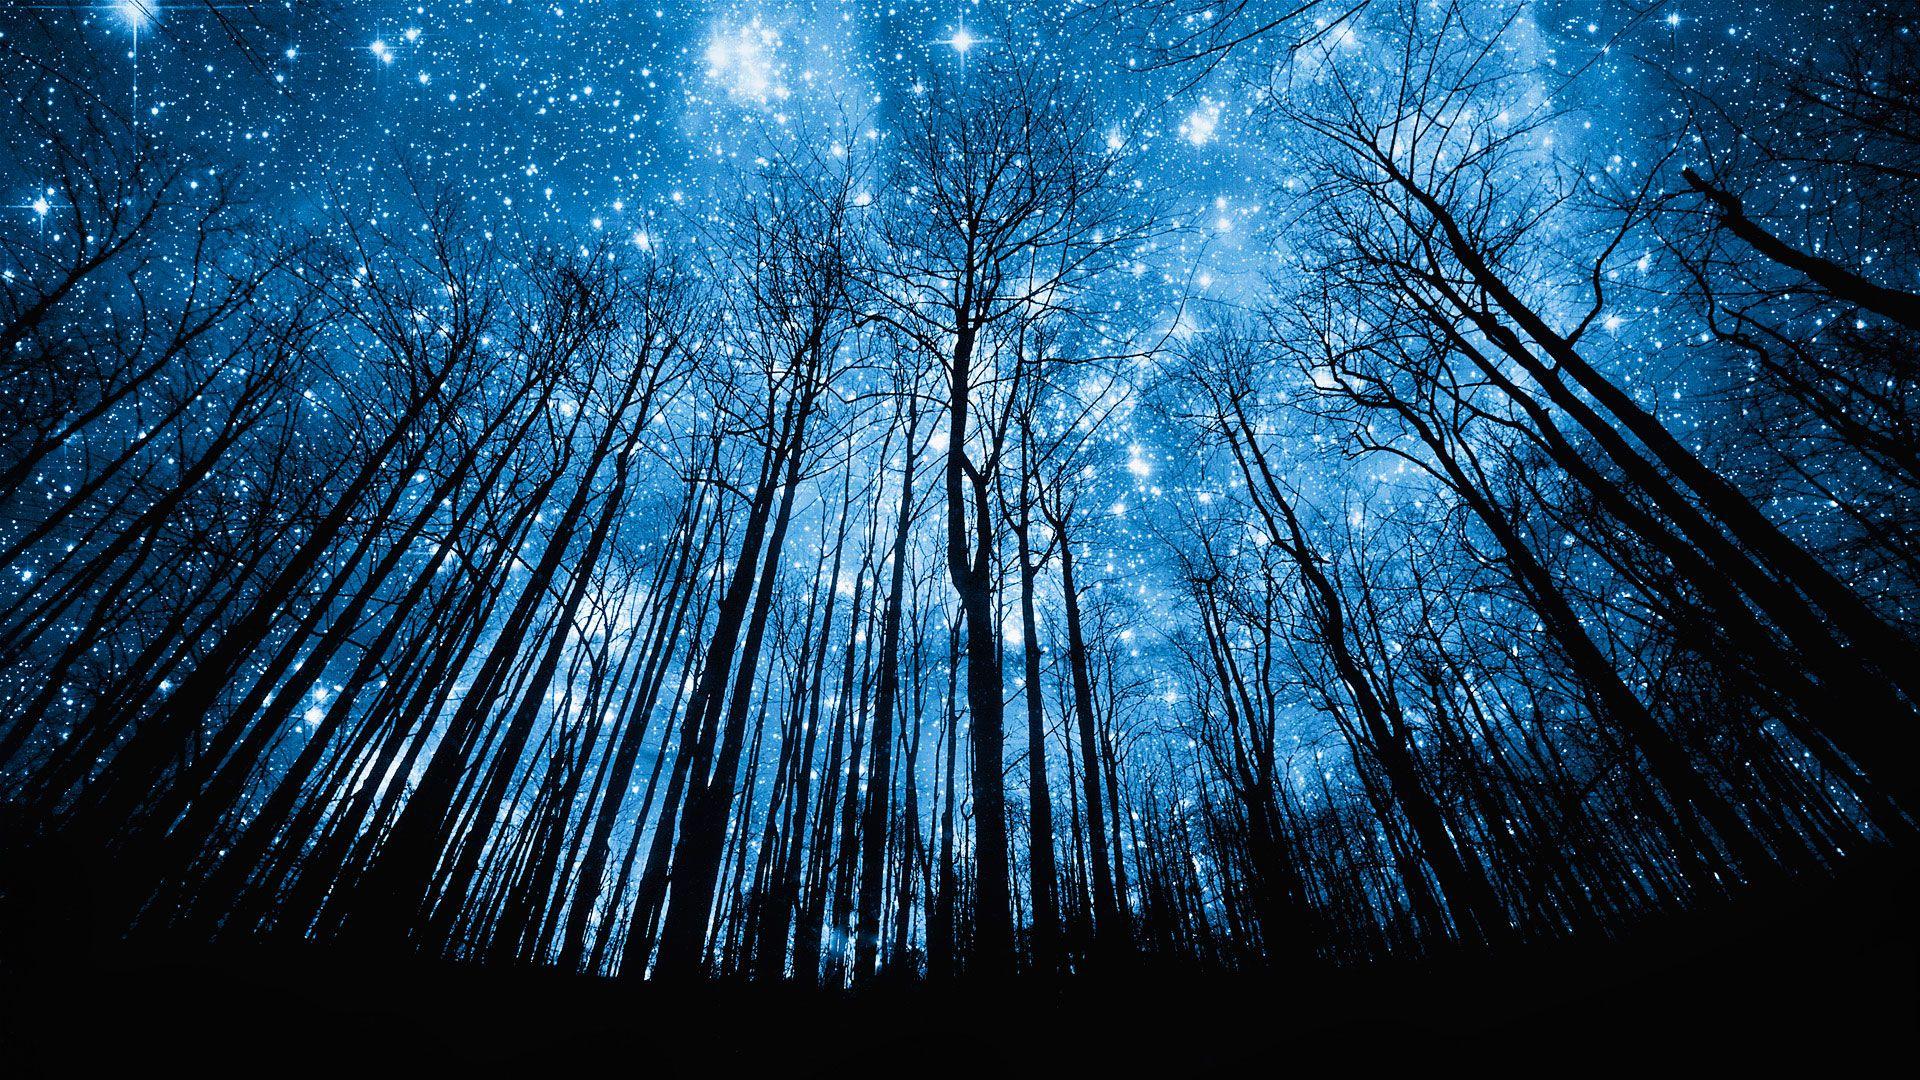 night-time sky